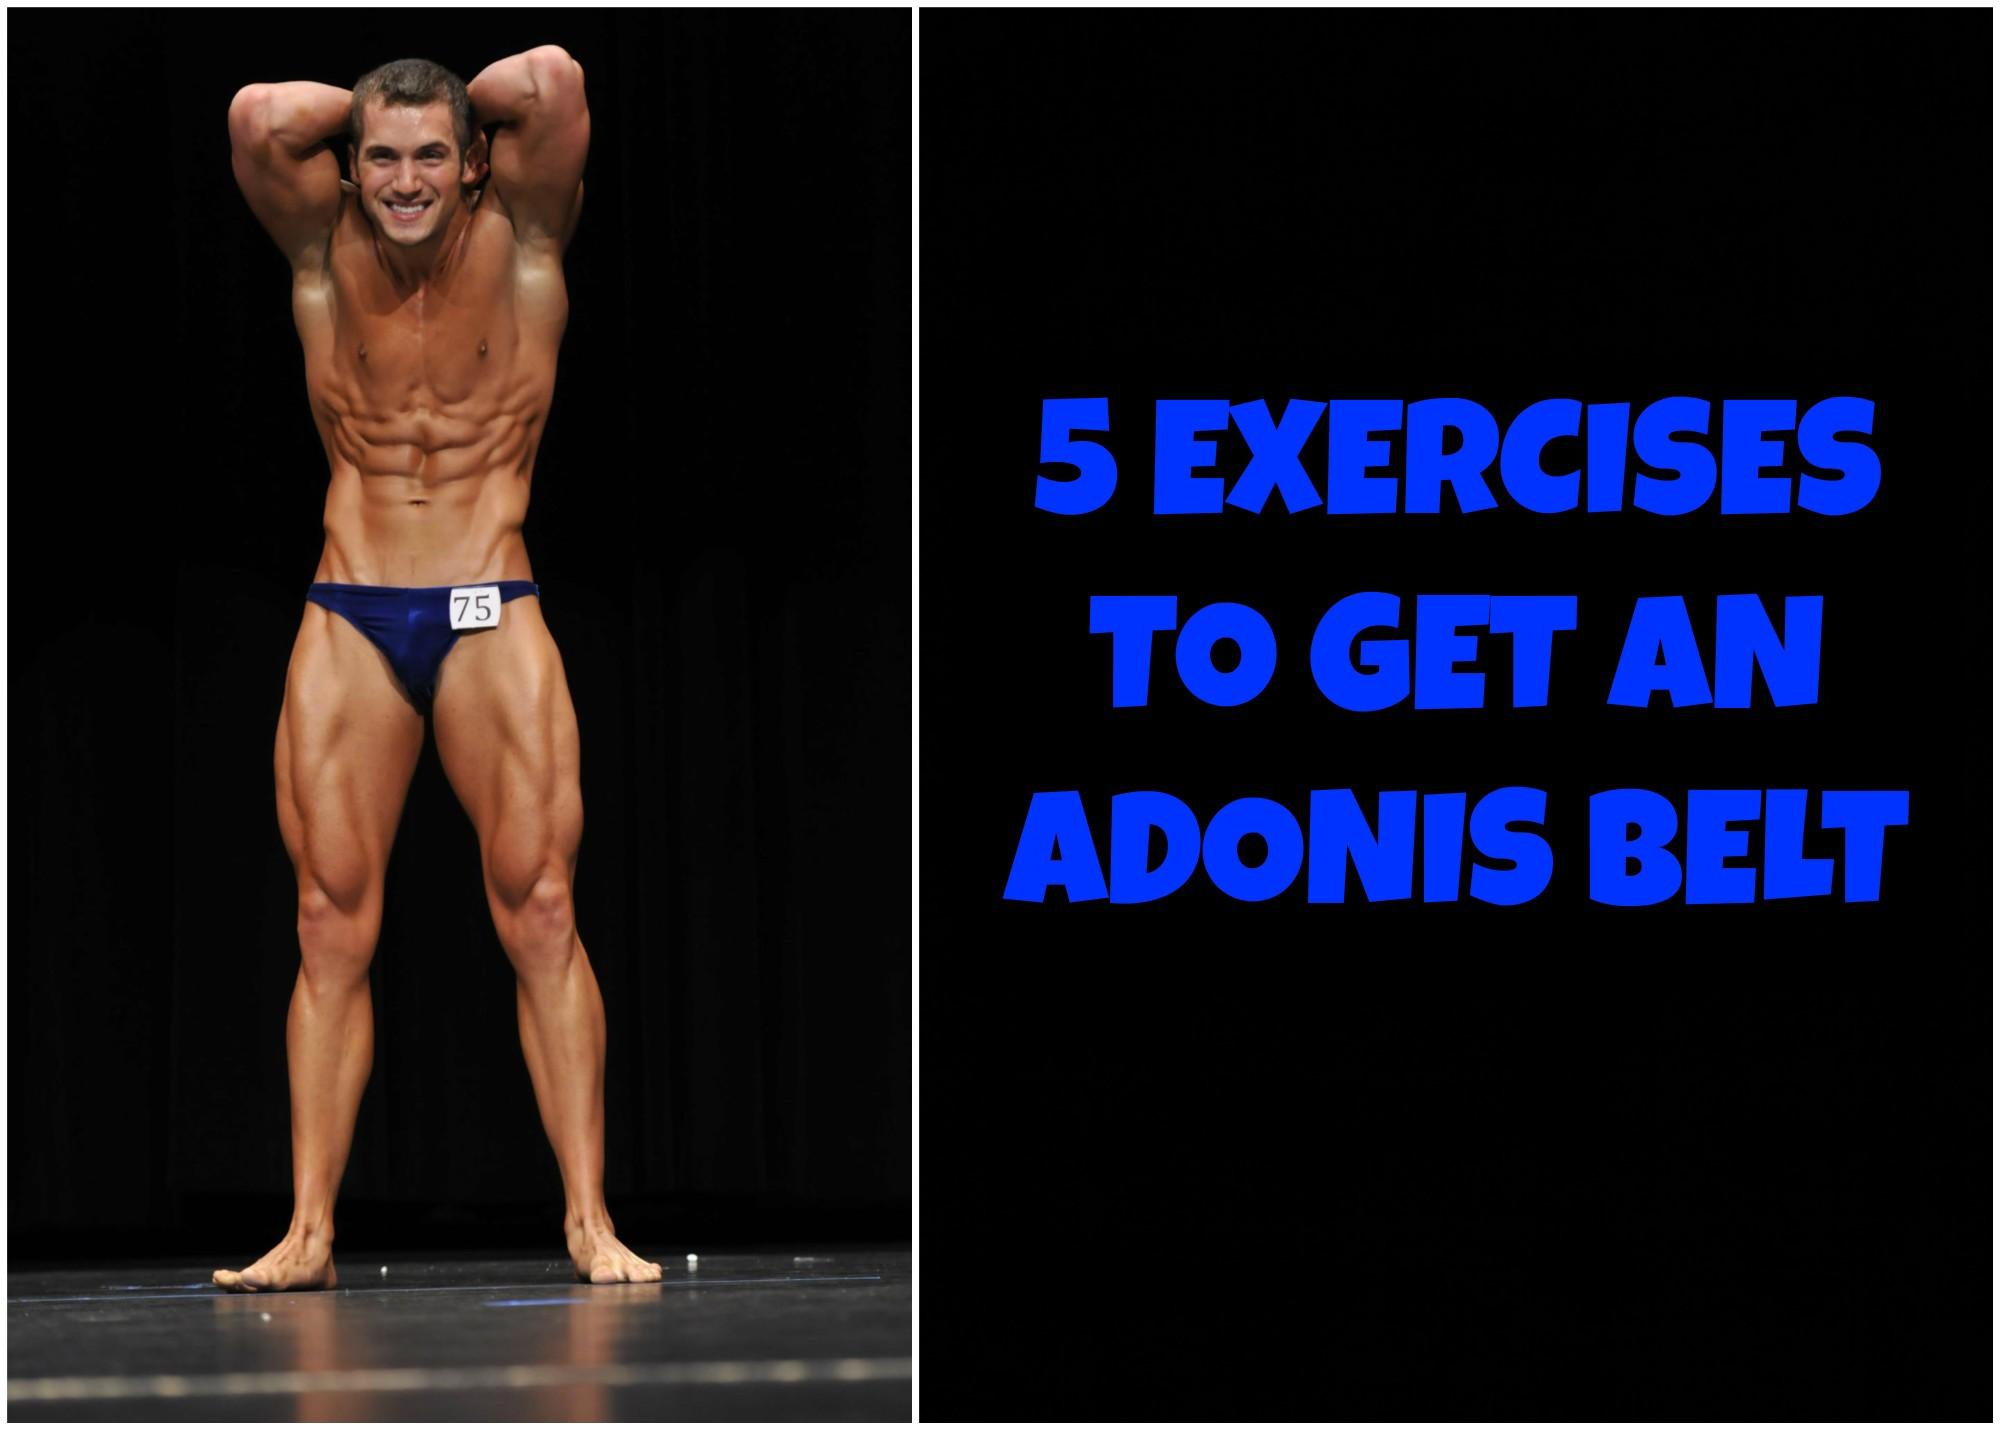 Adonis Belt